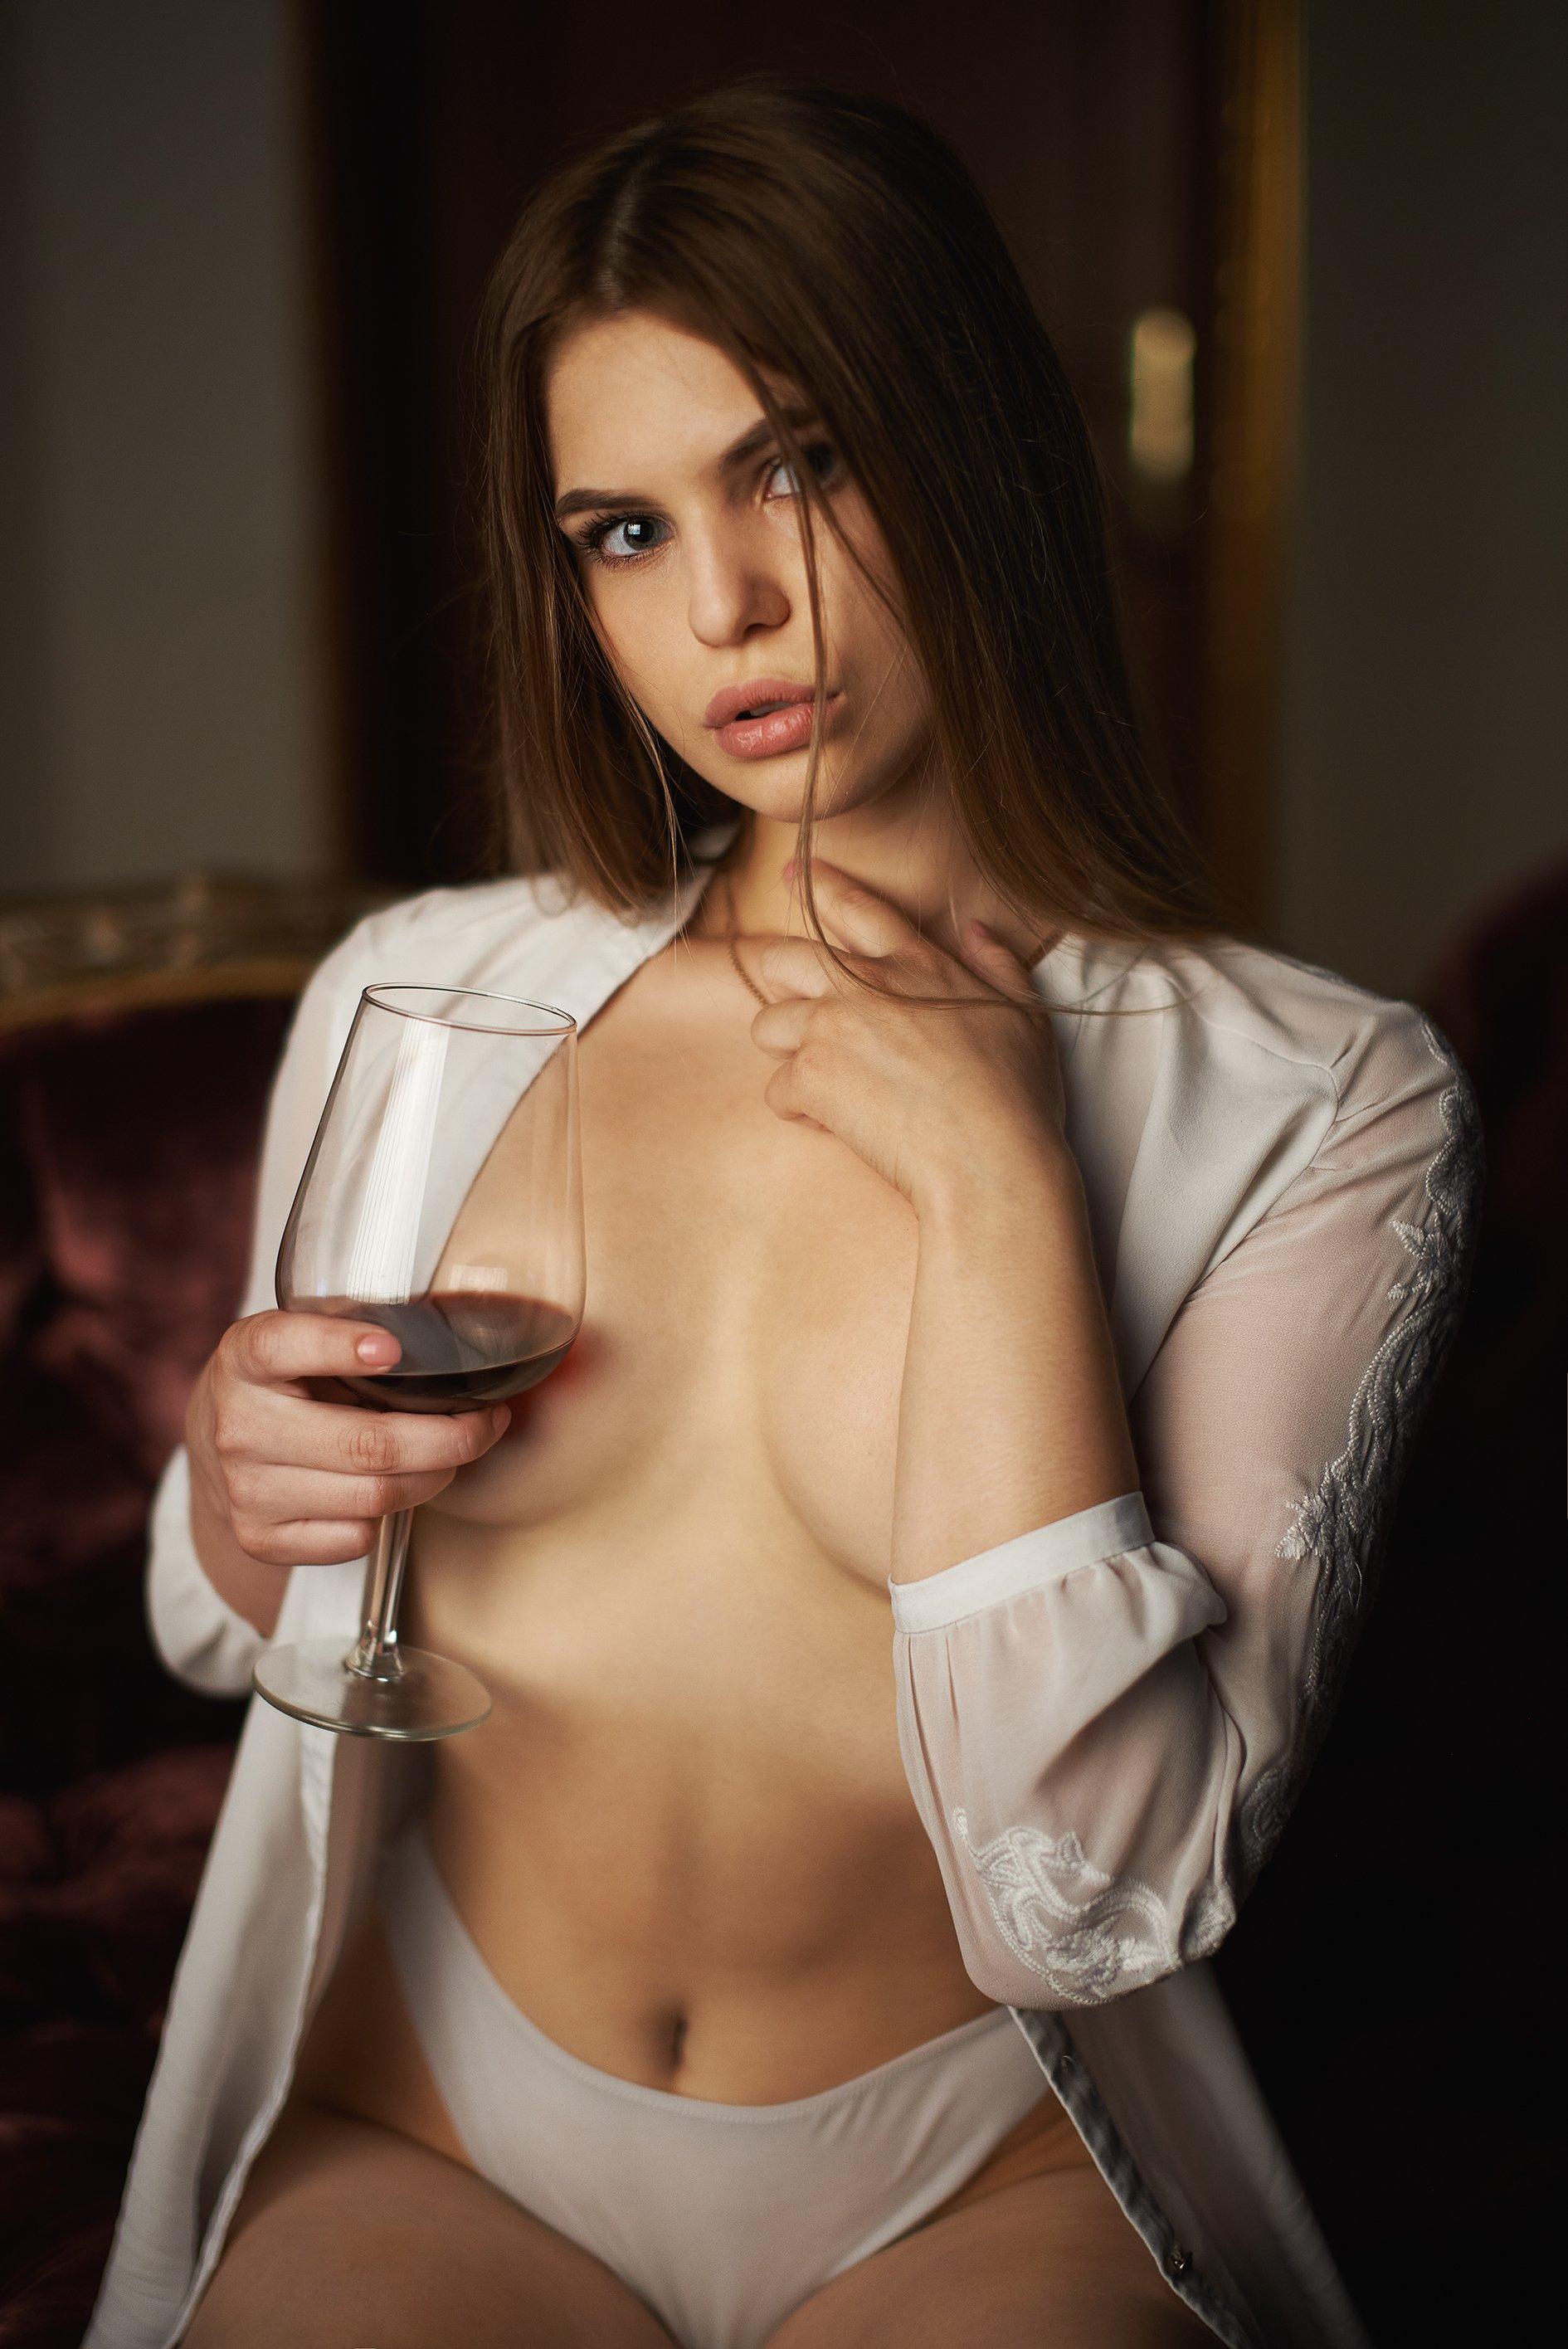 портрет, эмоции, взгляд, красивая, робко, сексуально, Alex